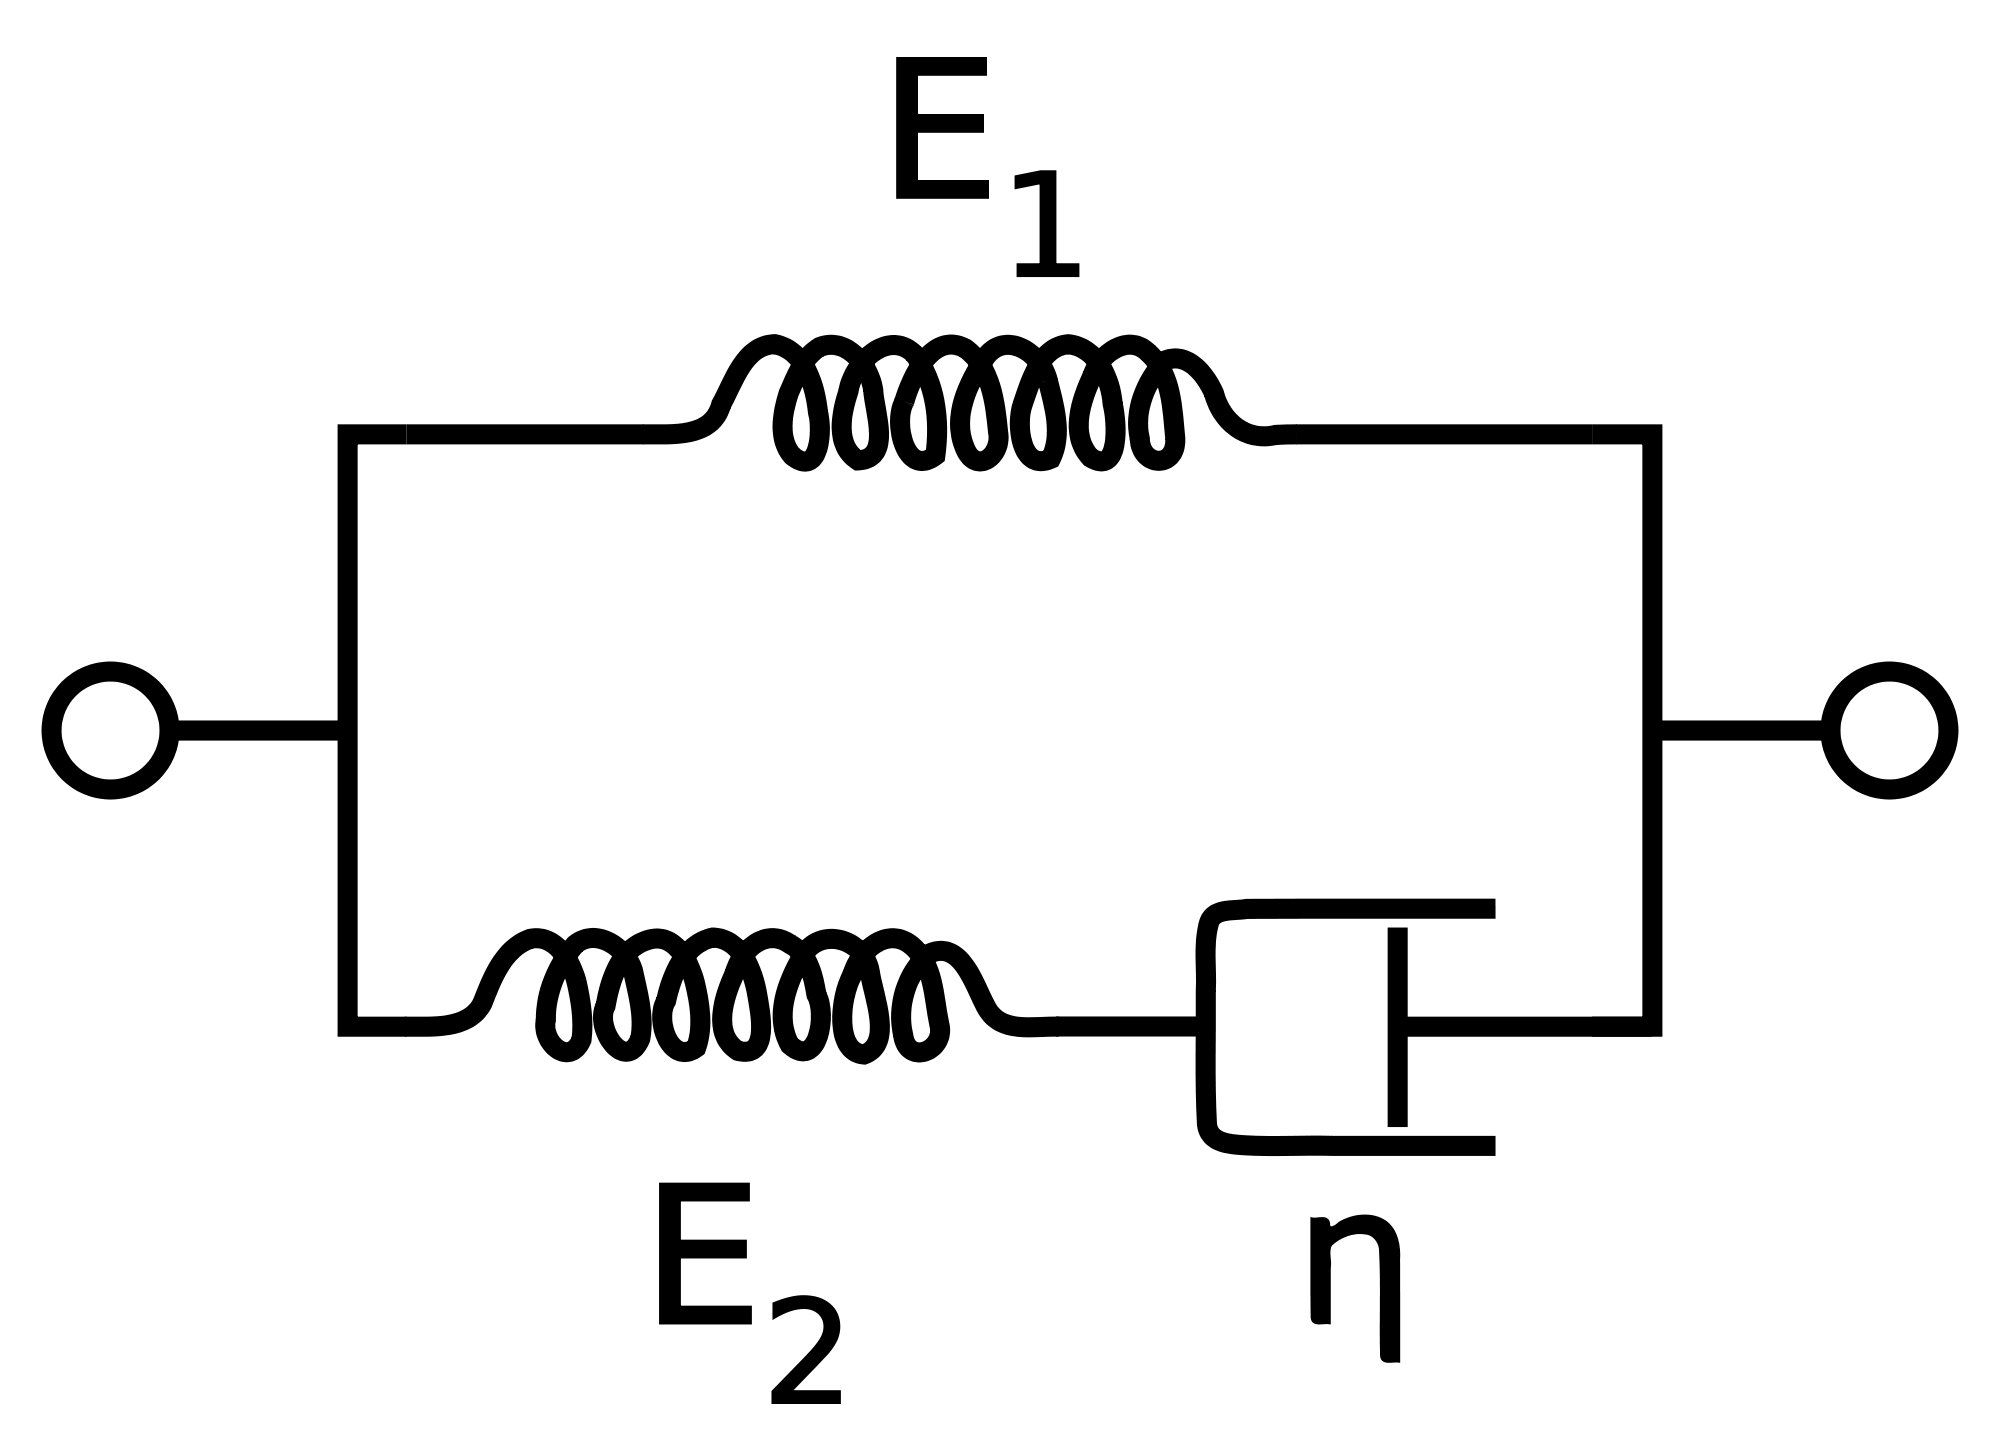 PEC is labeled as E1, SEC is E2 and CC is n in this diagram.